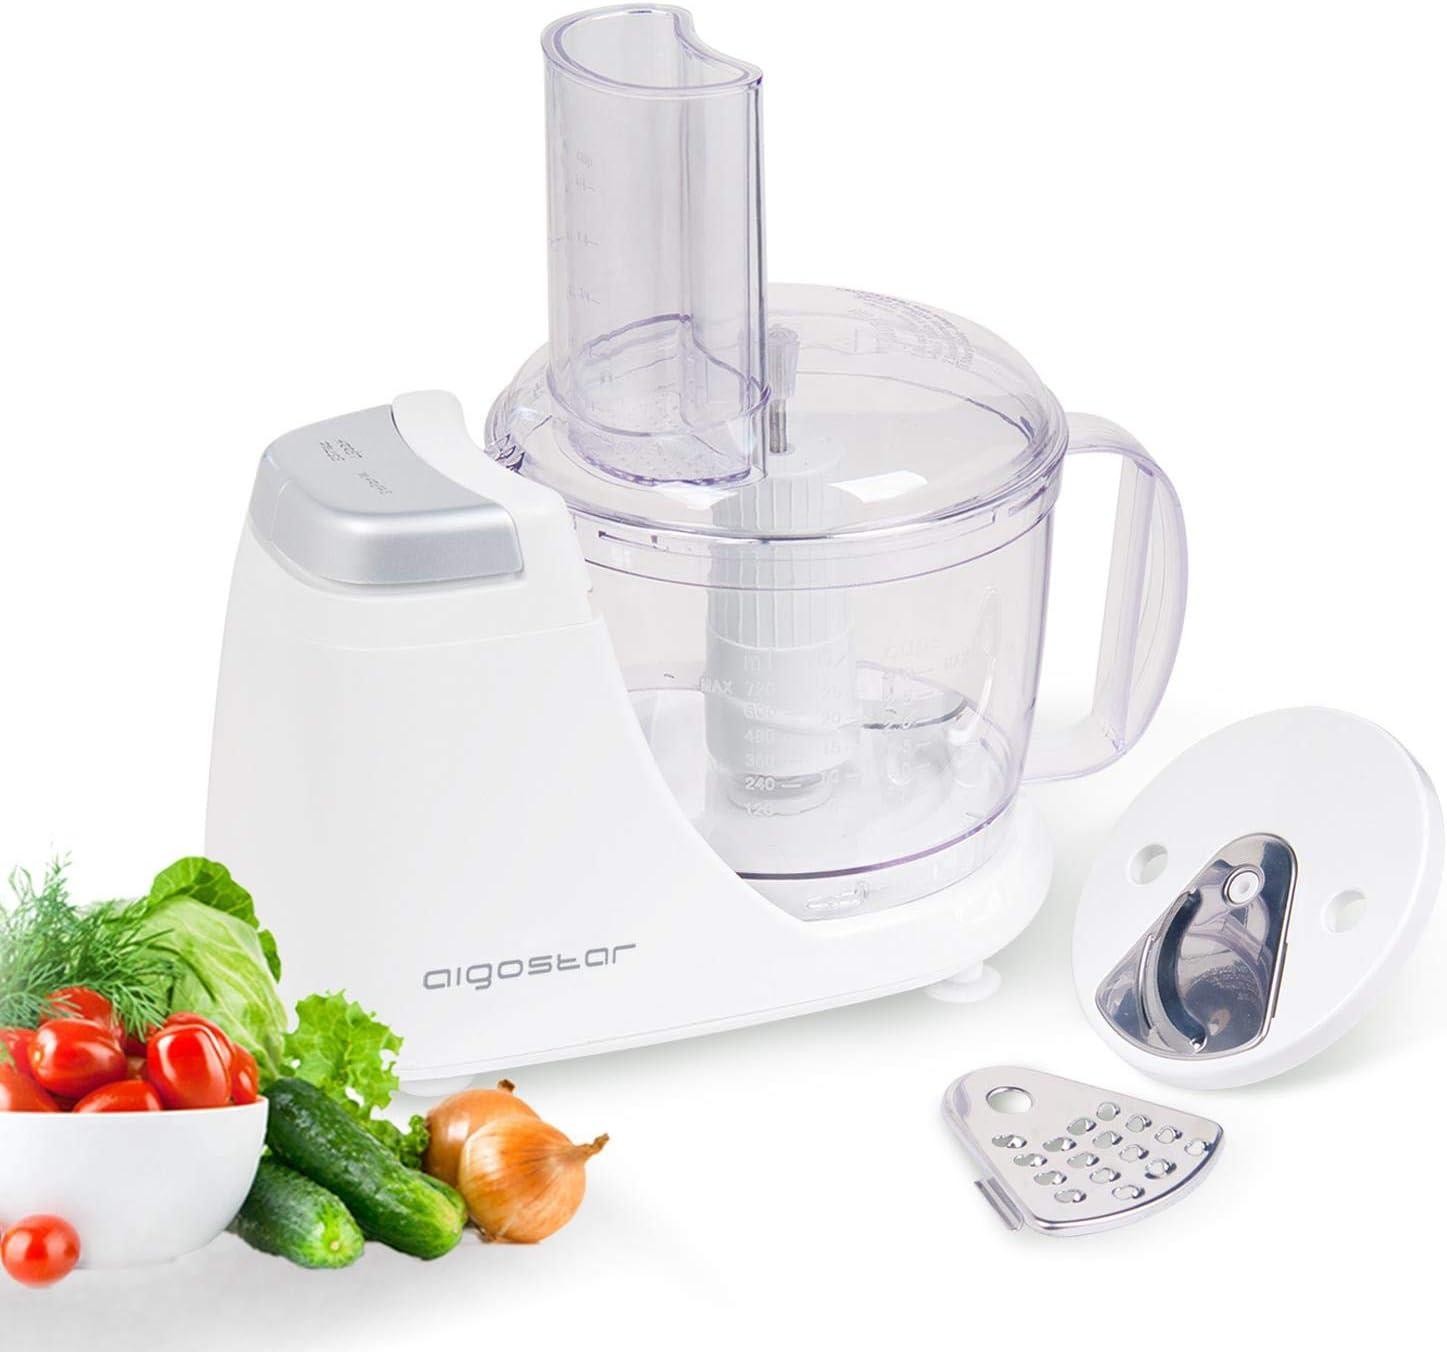 Aigostar VitaFresh 30HLX – Procesador de alimentos 3 en 1, potencia 250 W, incluye 3 cuchillas con distintas funciones y jarra con capacidad de 720 ml. Libre de BPA. Diseño exclusivo.: Amazon.es: Hogar